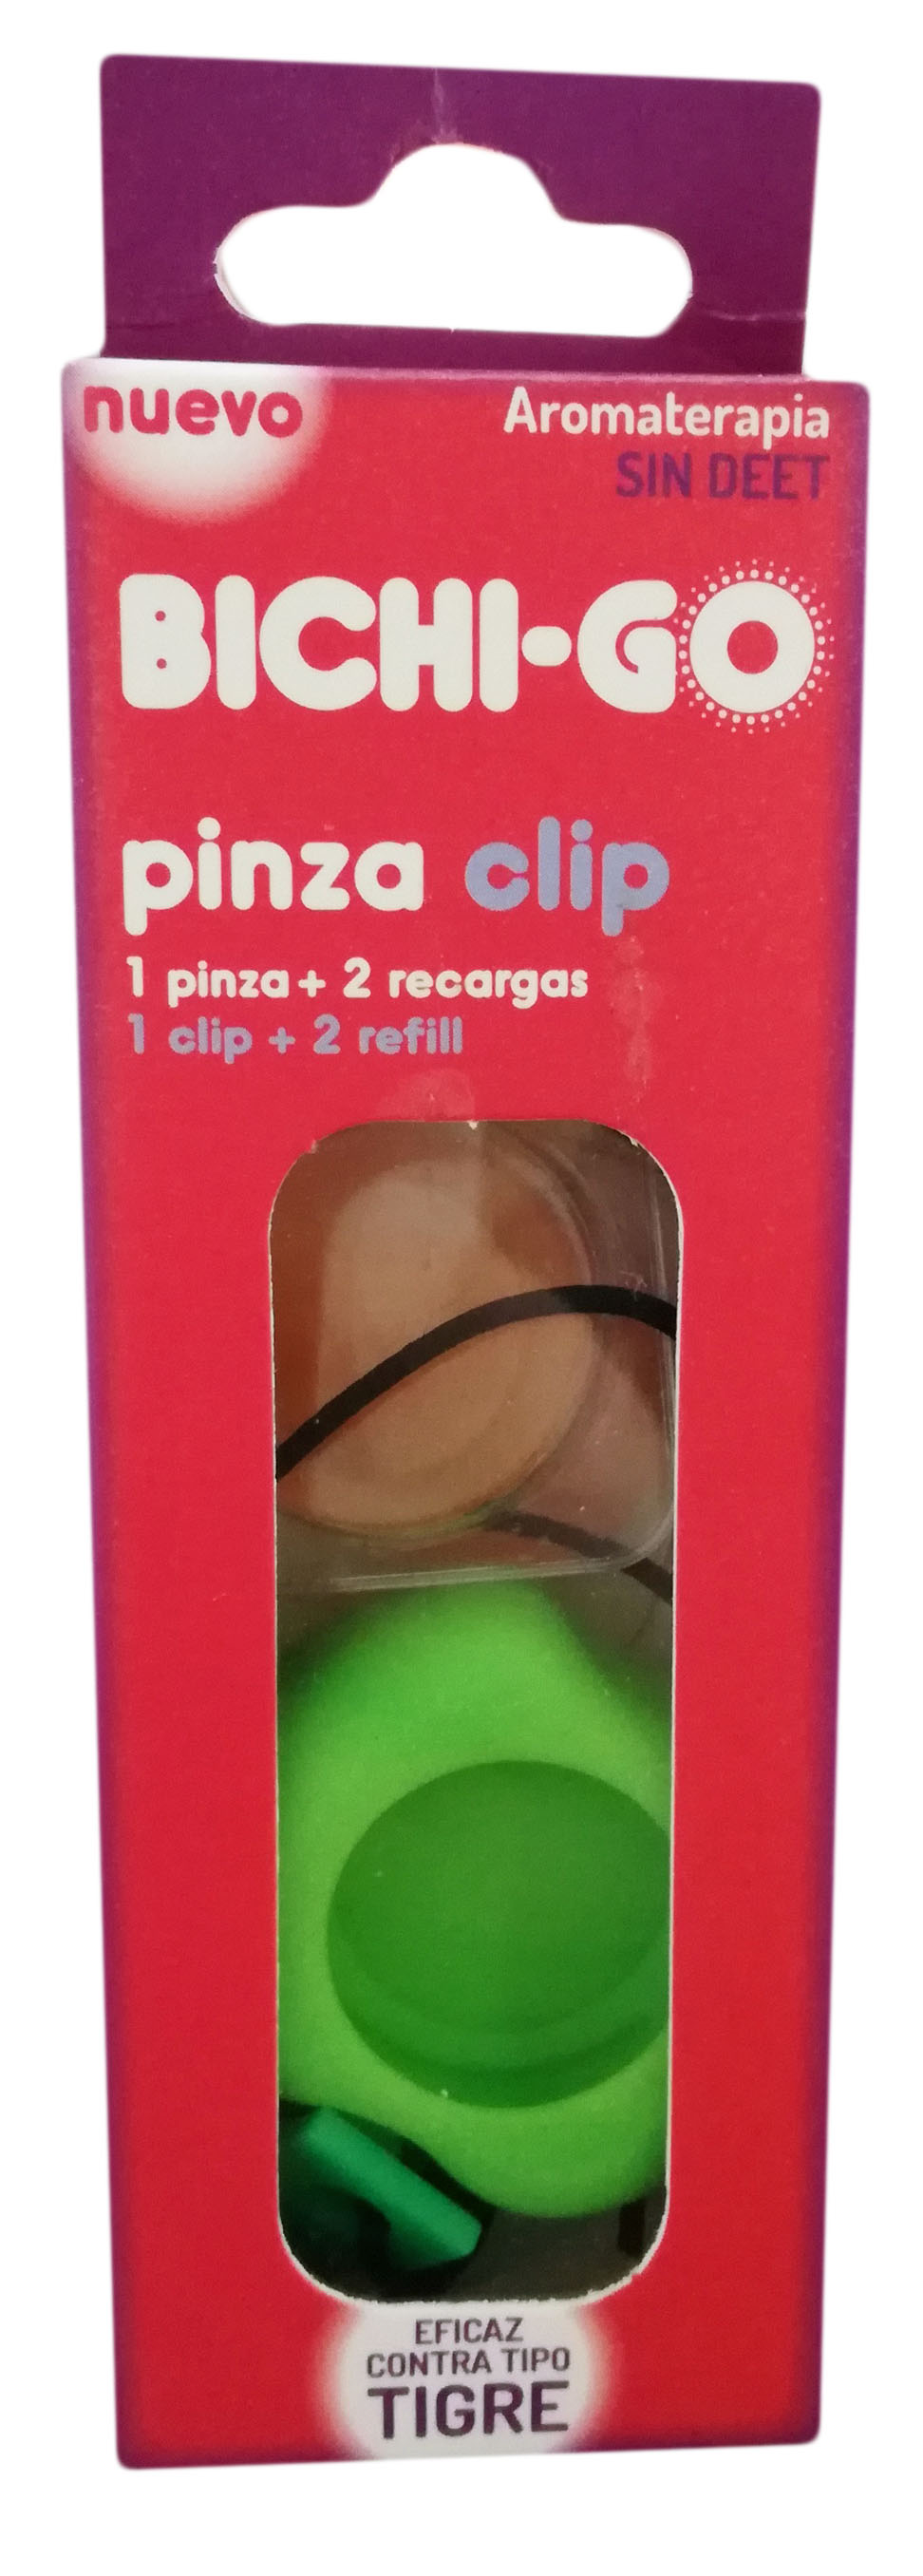 Pinza Clip Bichigo + 2 Recargas